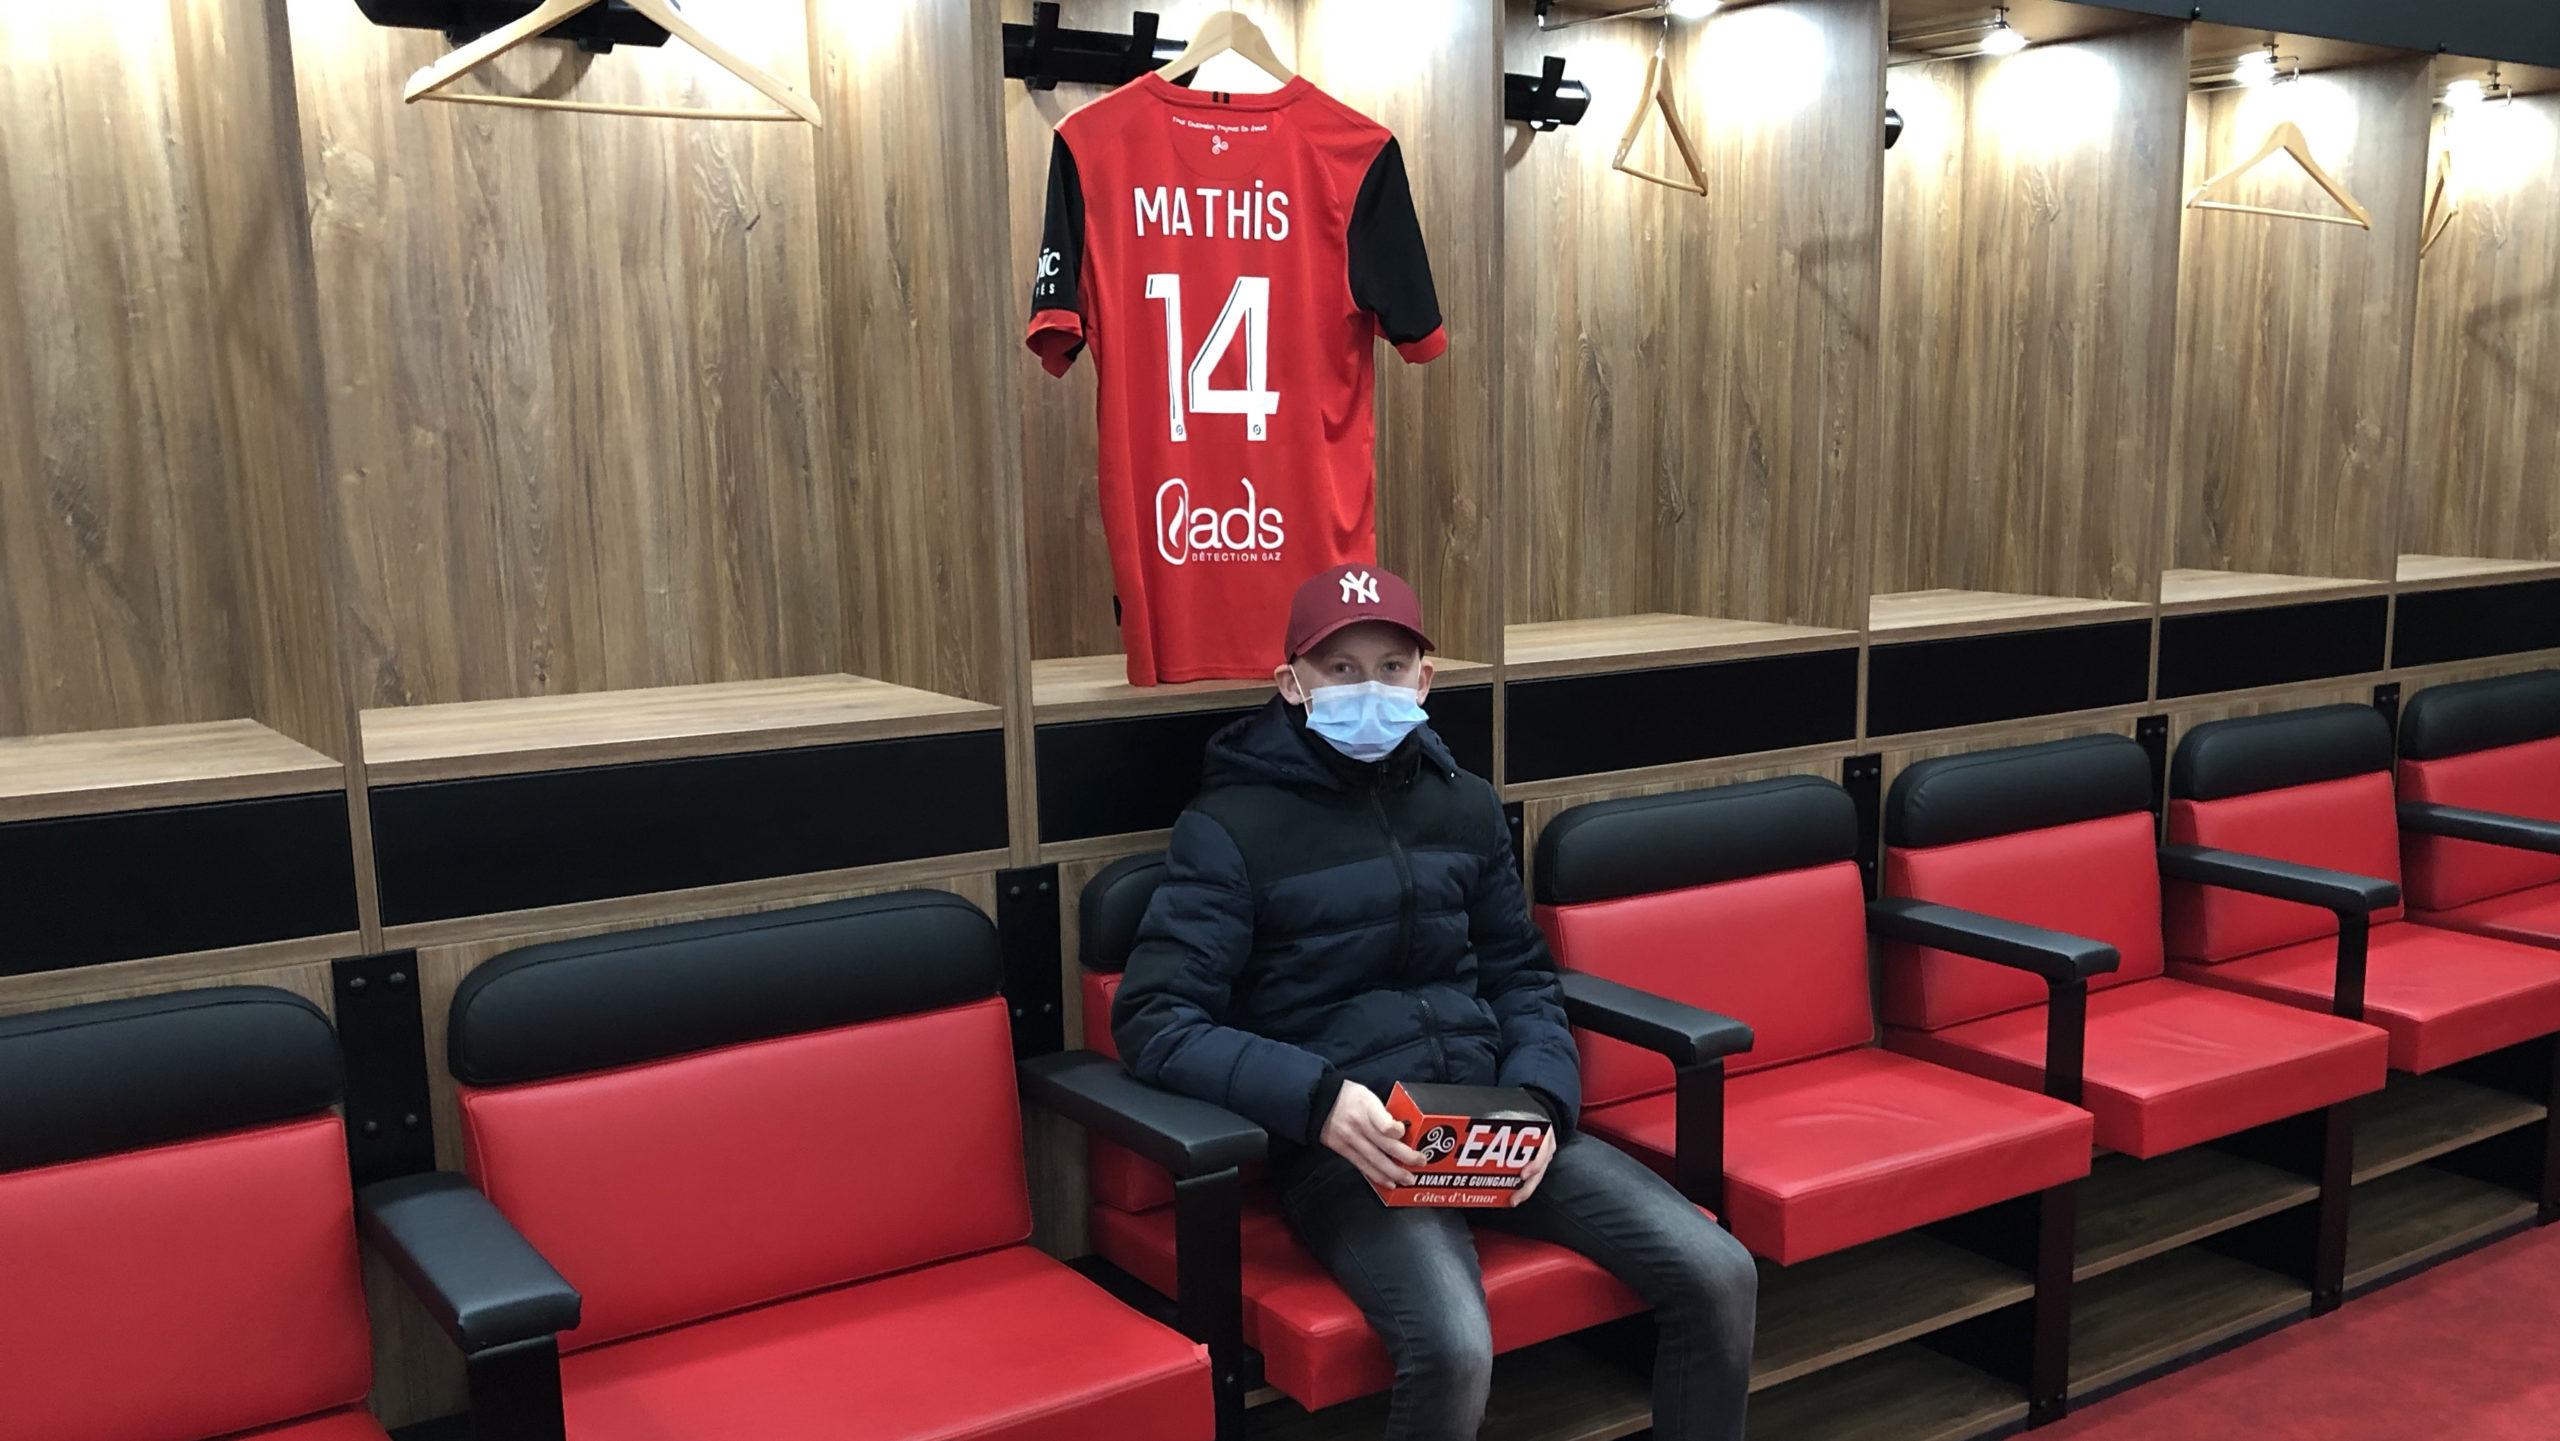 Mathis Coatrieux visite le stade de Roudourou avec Christophe Kerbrat Guingamp En Avant-16 9-dans les vestiaires